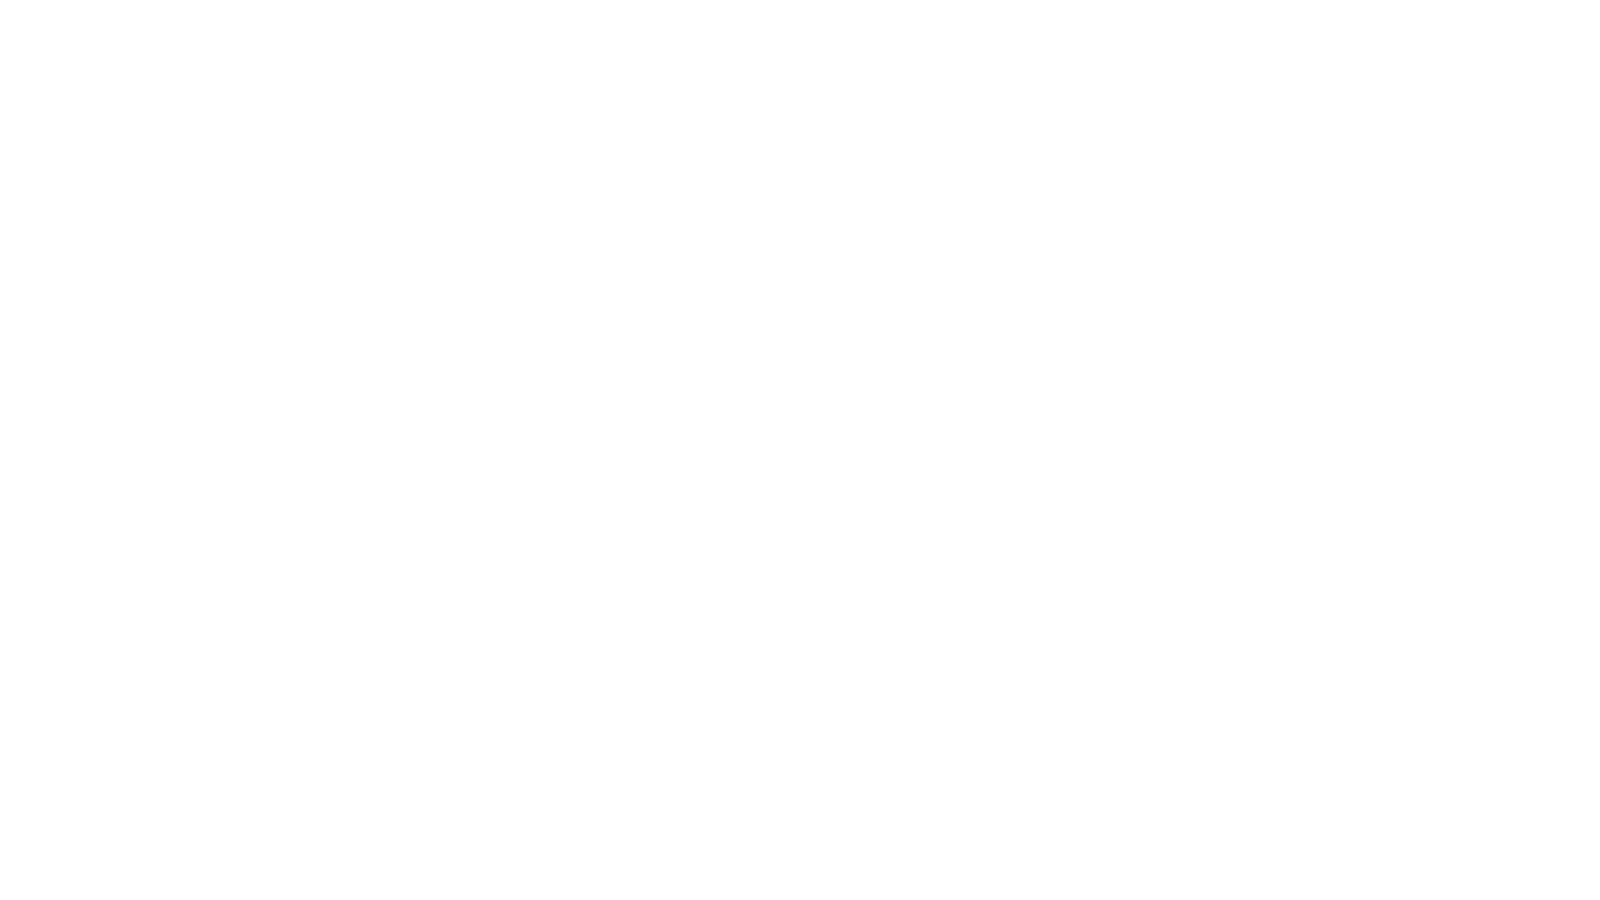 #療育 #保護者支援 #療育支援者 【保護者支援のコツ】保護者の行動変容を促すコツ https://youtu.be/tAw5WBlDB30  【お知らせ】 voicyパーソナリティとして活動しています!ぜひ聴いてくださいね。 番組名:こども発達LABOラジオ →https://voicy.jp/channel/2169 ============= ★弊社スタッフ募集中(発達支援ゆず)※神戸市内・未就学児・個別療育 →https://illuminate-kobe.co.jp/recruitment/  ★メンバー募集中! 【療育支援者の集い場(オンラインサロン)】 →https://hattatulabo.net/place-of-exchange/ ※療育事業所で働く保育士/児童指導員/セラピストなどの職種の方の集い場です。 ※メンバー専用掲示板での交流と定期的なオンラインミーティングを行っています。  ★メンバー募集中! 【たけのこ療育セラピスト塾】 →https://ryouiku-therapist.com/ ※療育現場で働く理学療法士/作業療法士/言語聴覚士のオンライン学び場・集い場です。 ※オンラインサロンでは、メンバー専用掲示板での交流と定期的なオンラインミーティングを行っています。  ★療育事業所様向けサポート&コンサルティング →https://illuminate-kobe.co.jp/support/ ※質の高い療育提供をサポートします。  ============= ◆メインチャンネル「こども発達LABO.」 →https://www.youtube.com/channel/UCAaMVv5UrovrhAtaWVerWrQ  ◆サブチャンネル「にしむら夫婦の療育をもっと面白く!」 →https://www.youtube.com/channel/UCF_jJ6863ojEiixnCOrwY_g ============= にしむら夫婦とは? 夫(にしむらたけし):発達障害児専門の理学療法士 妻(むぎちょこ):自閉症児専門の言語聴覚士 もともと二人とも公務員だったが、2017年ににしむらたけしが独立起業し、療育事業所を運営。2020年にむぎちょこも公務員を辞めて、夫の事業所へ合流。 現在は、療育事業所を複数経営しながら、全国の療育事業所のコンサルタント事業や保育園などでの講師活動、メディア出演など、情報発信を積極的に行っている。 https://hattatulabo.net